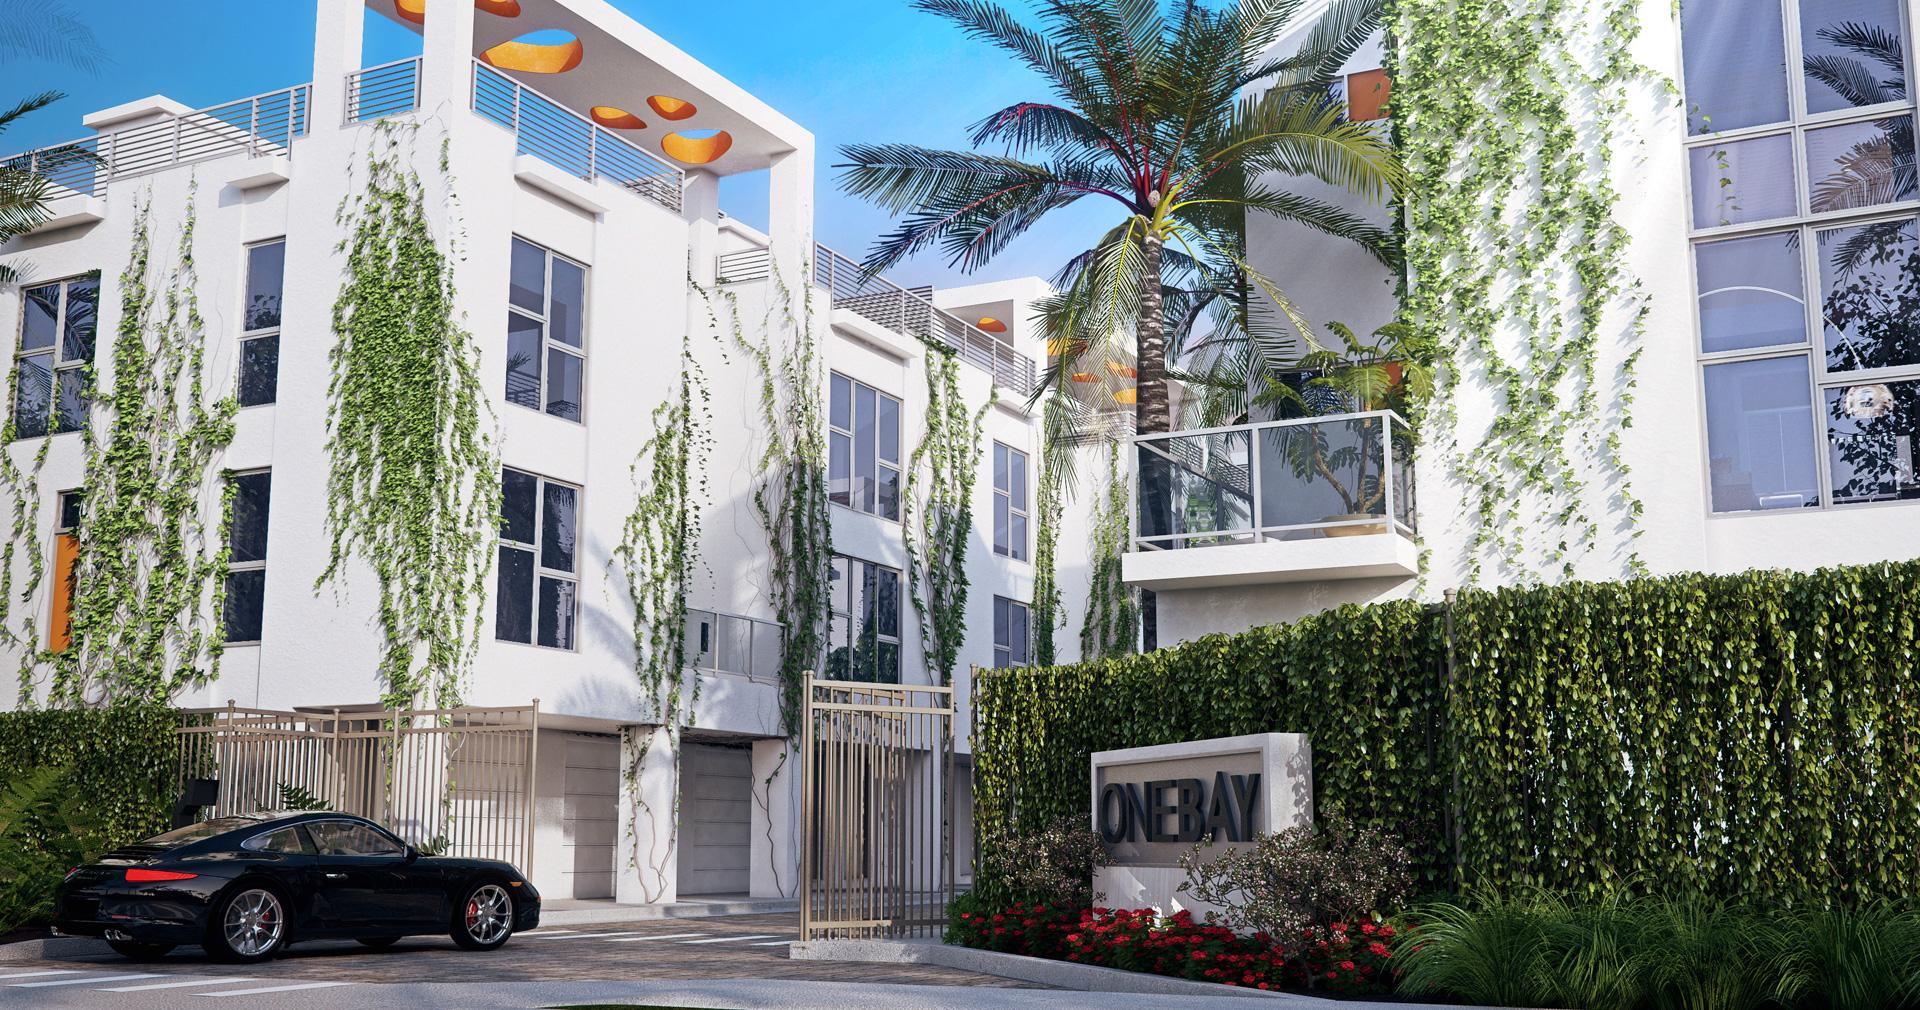 One Bay Miami